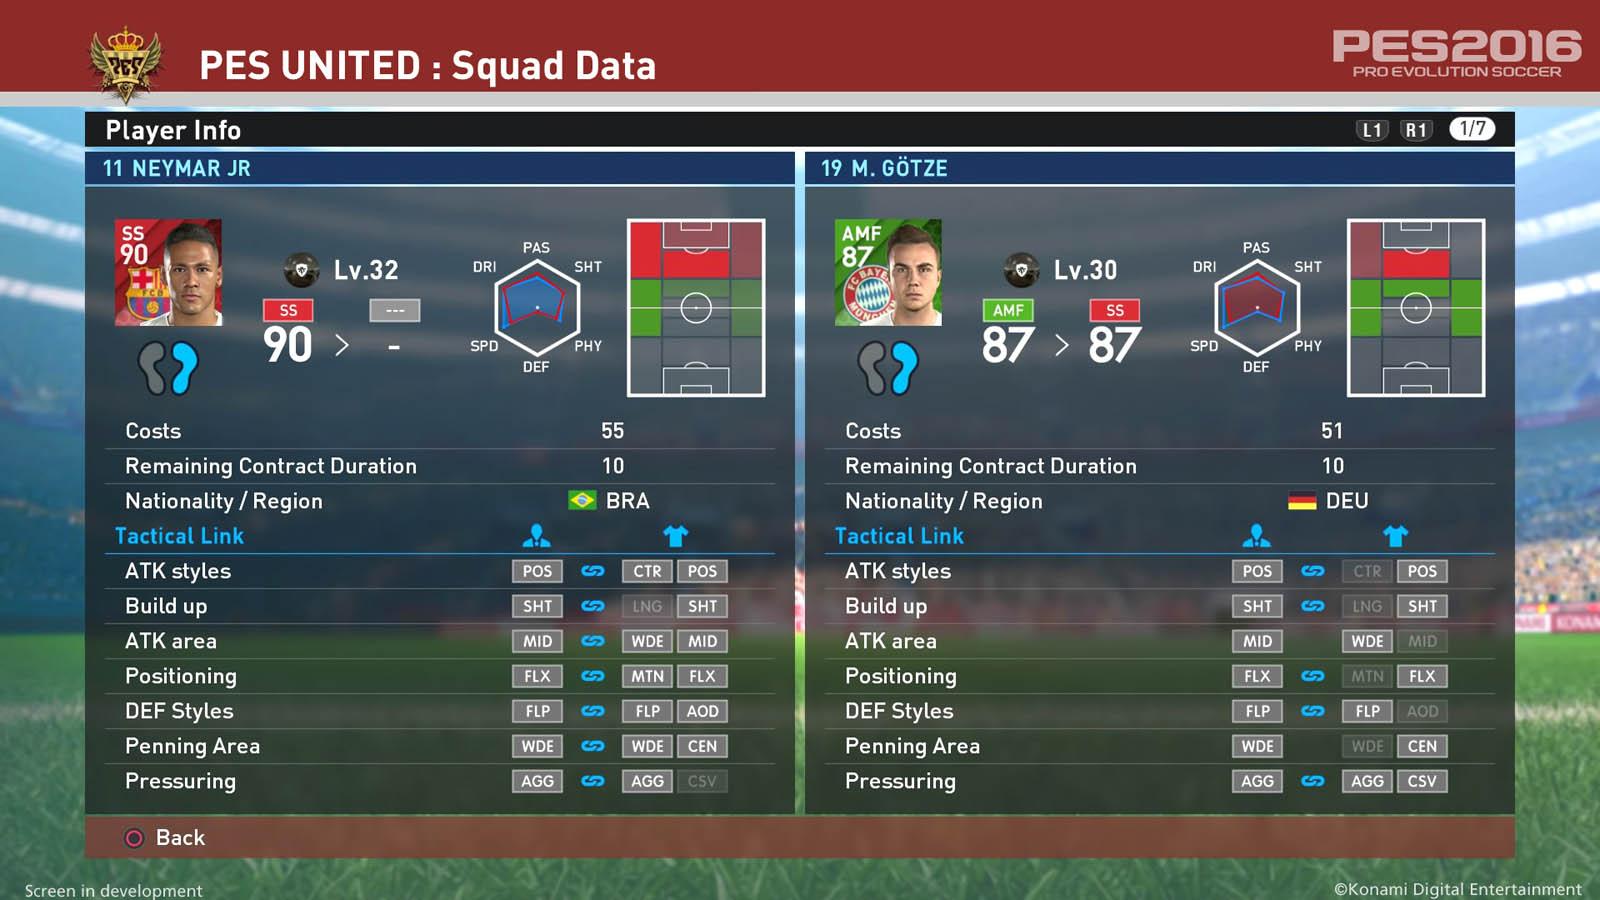 pes-2016-myClub-squads-2.jpg